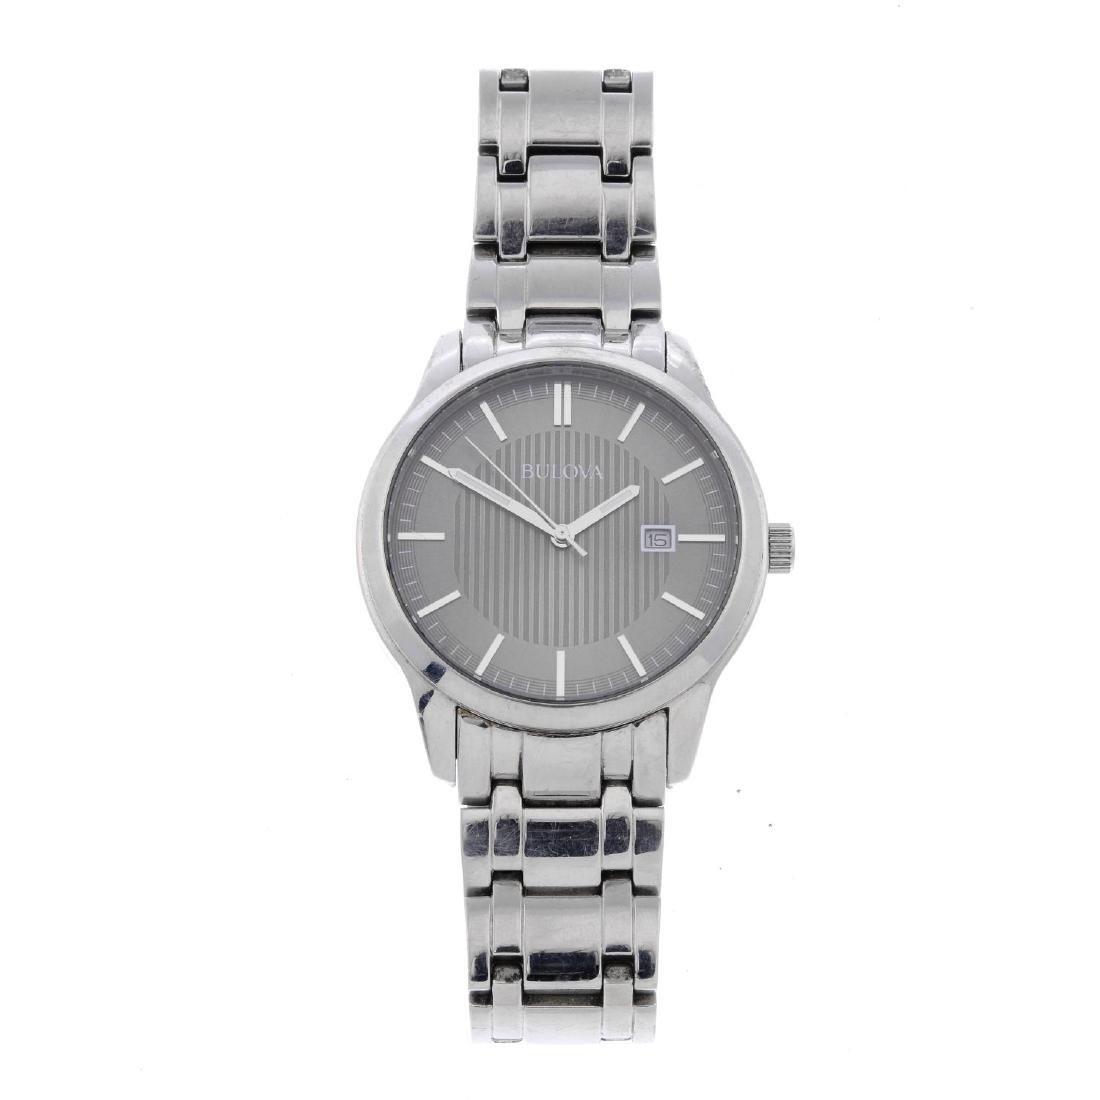 BULOVA - a gentleman's bracelet watch. Stainless steel